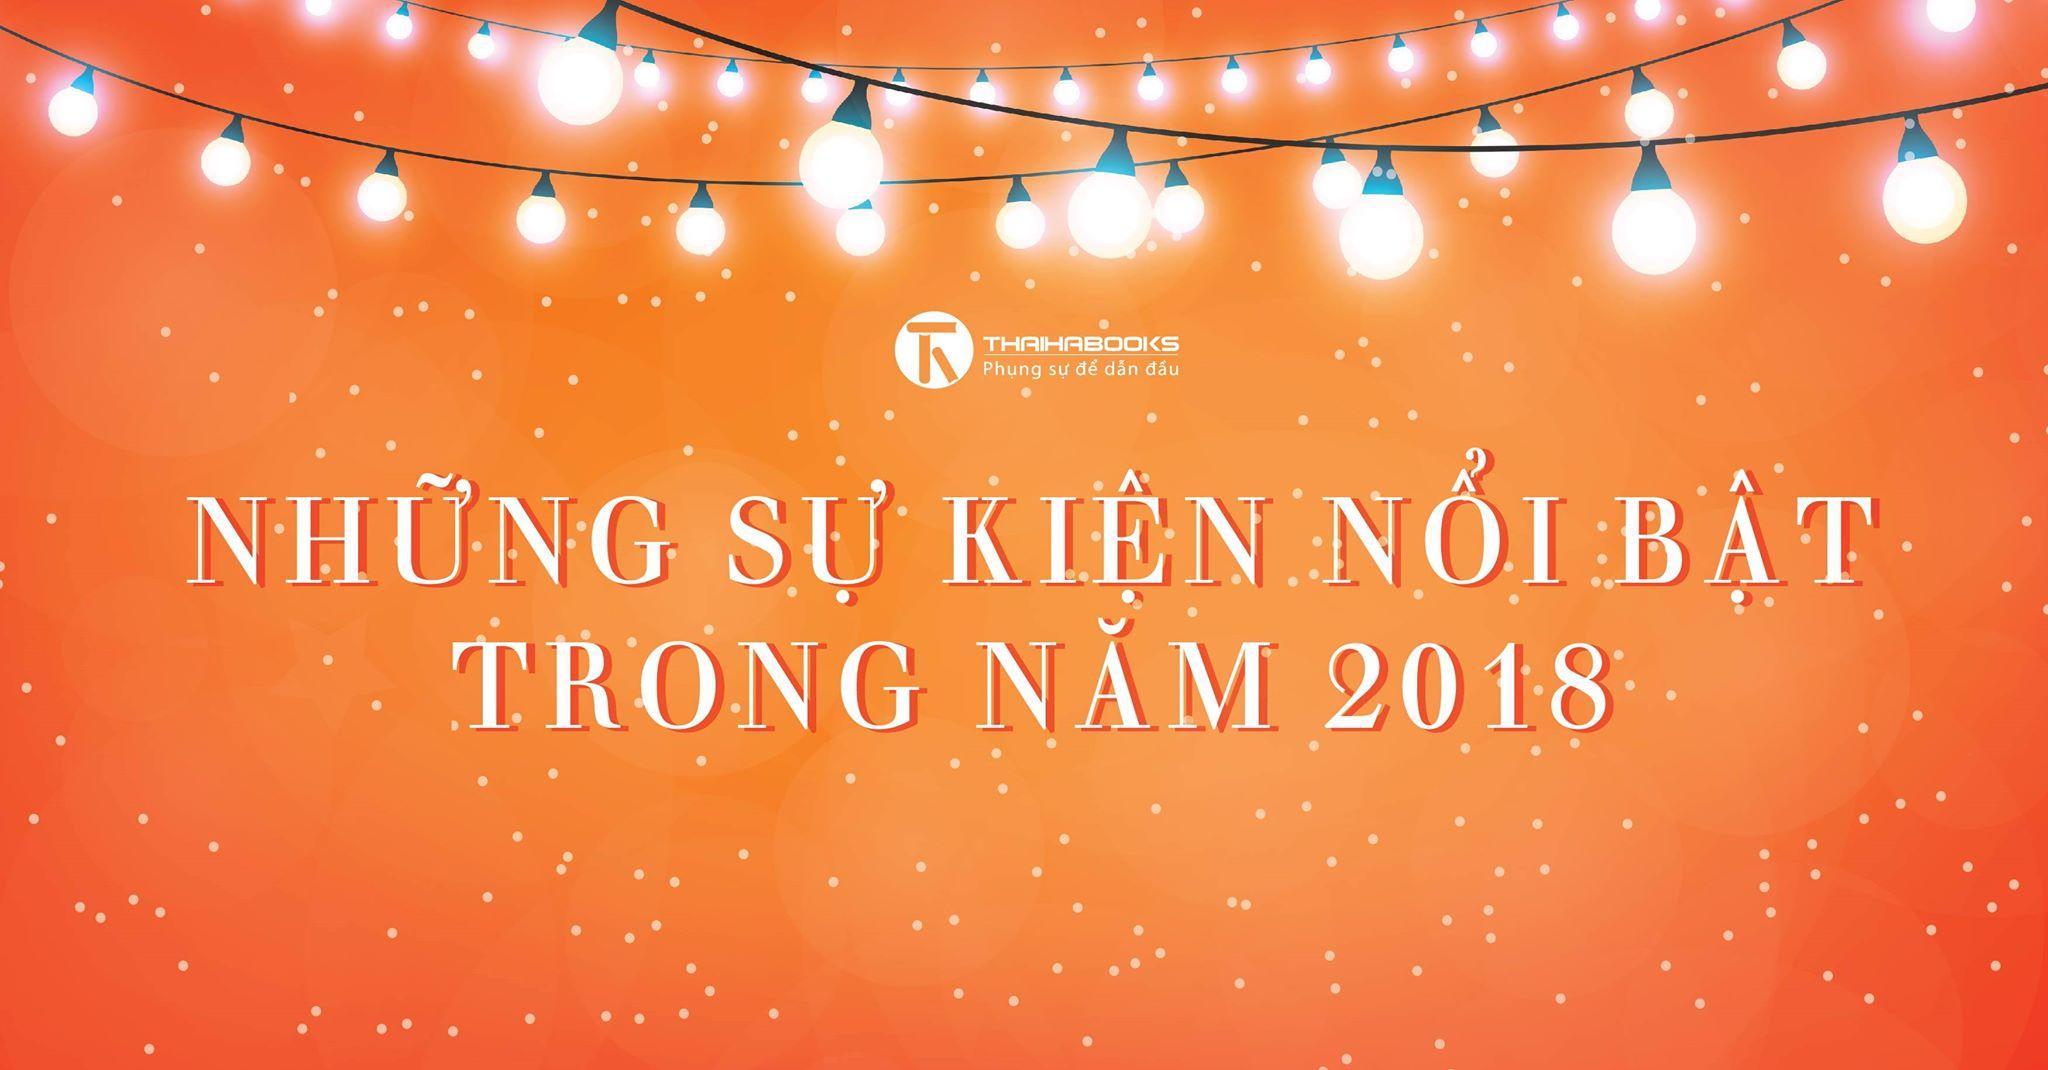 Những sự kiện nổi bật trong năm 2018 của Thái Hà Books